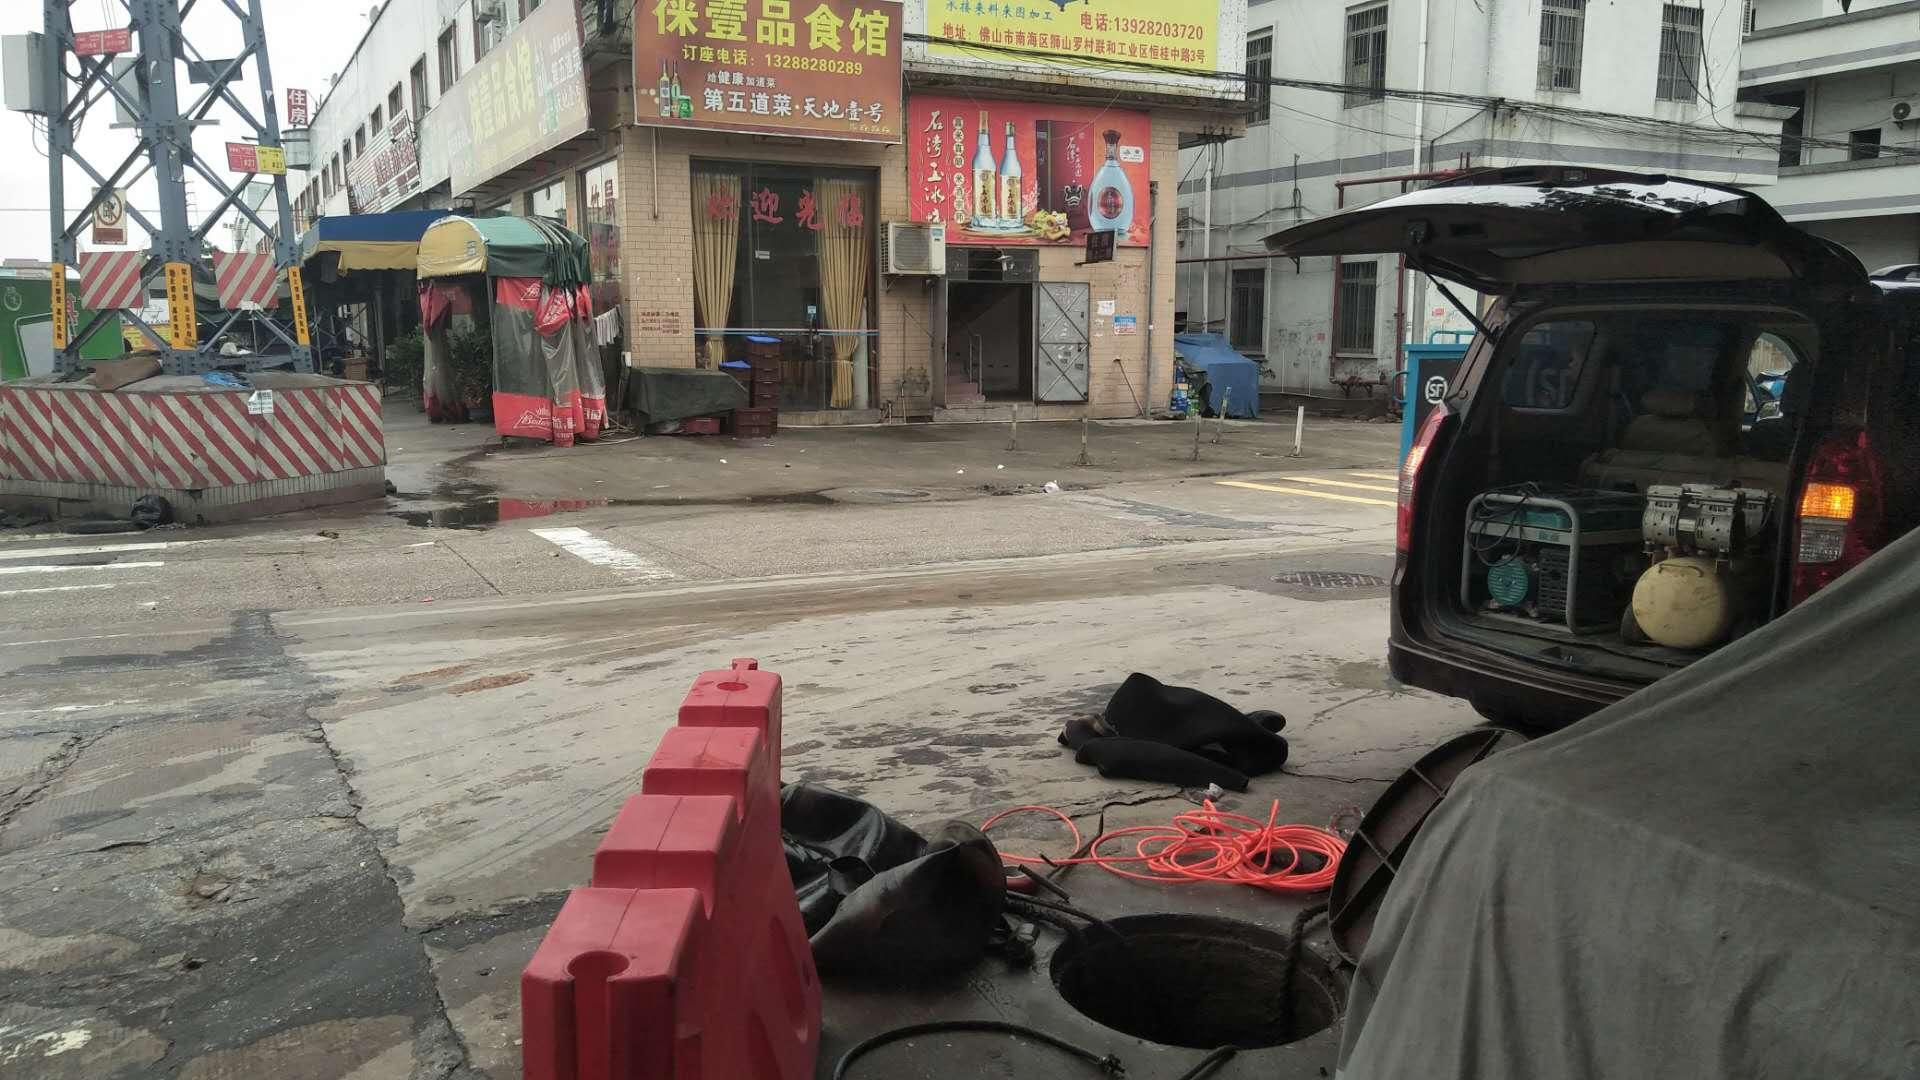 广东佛山南海区嘉轩污水管道疏通修复服务有限公司